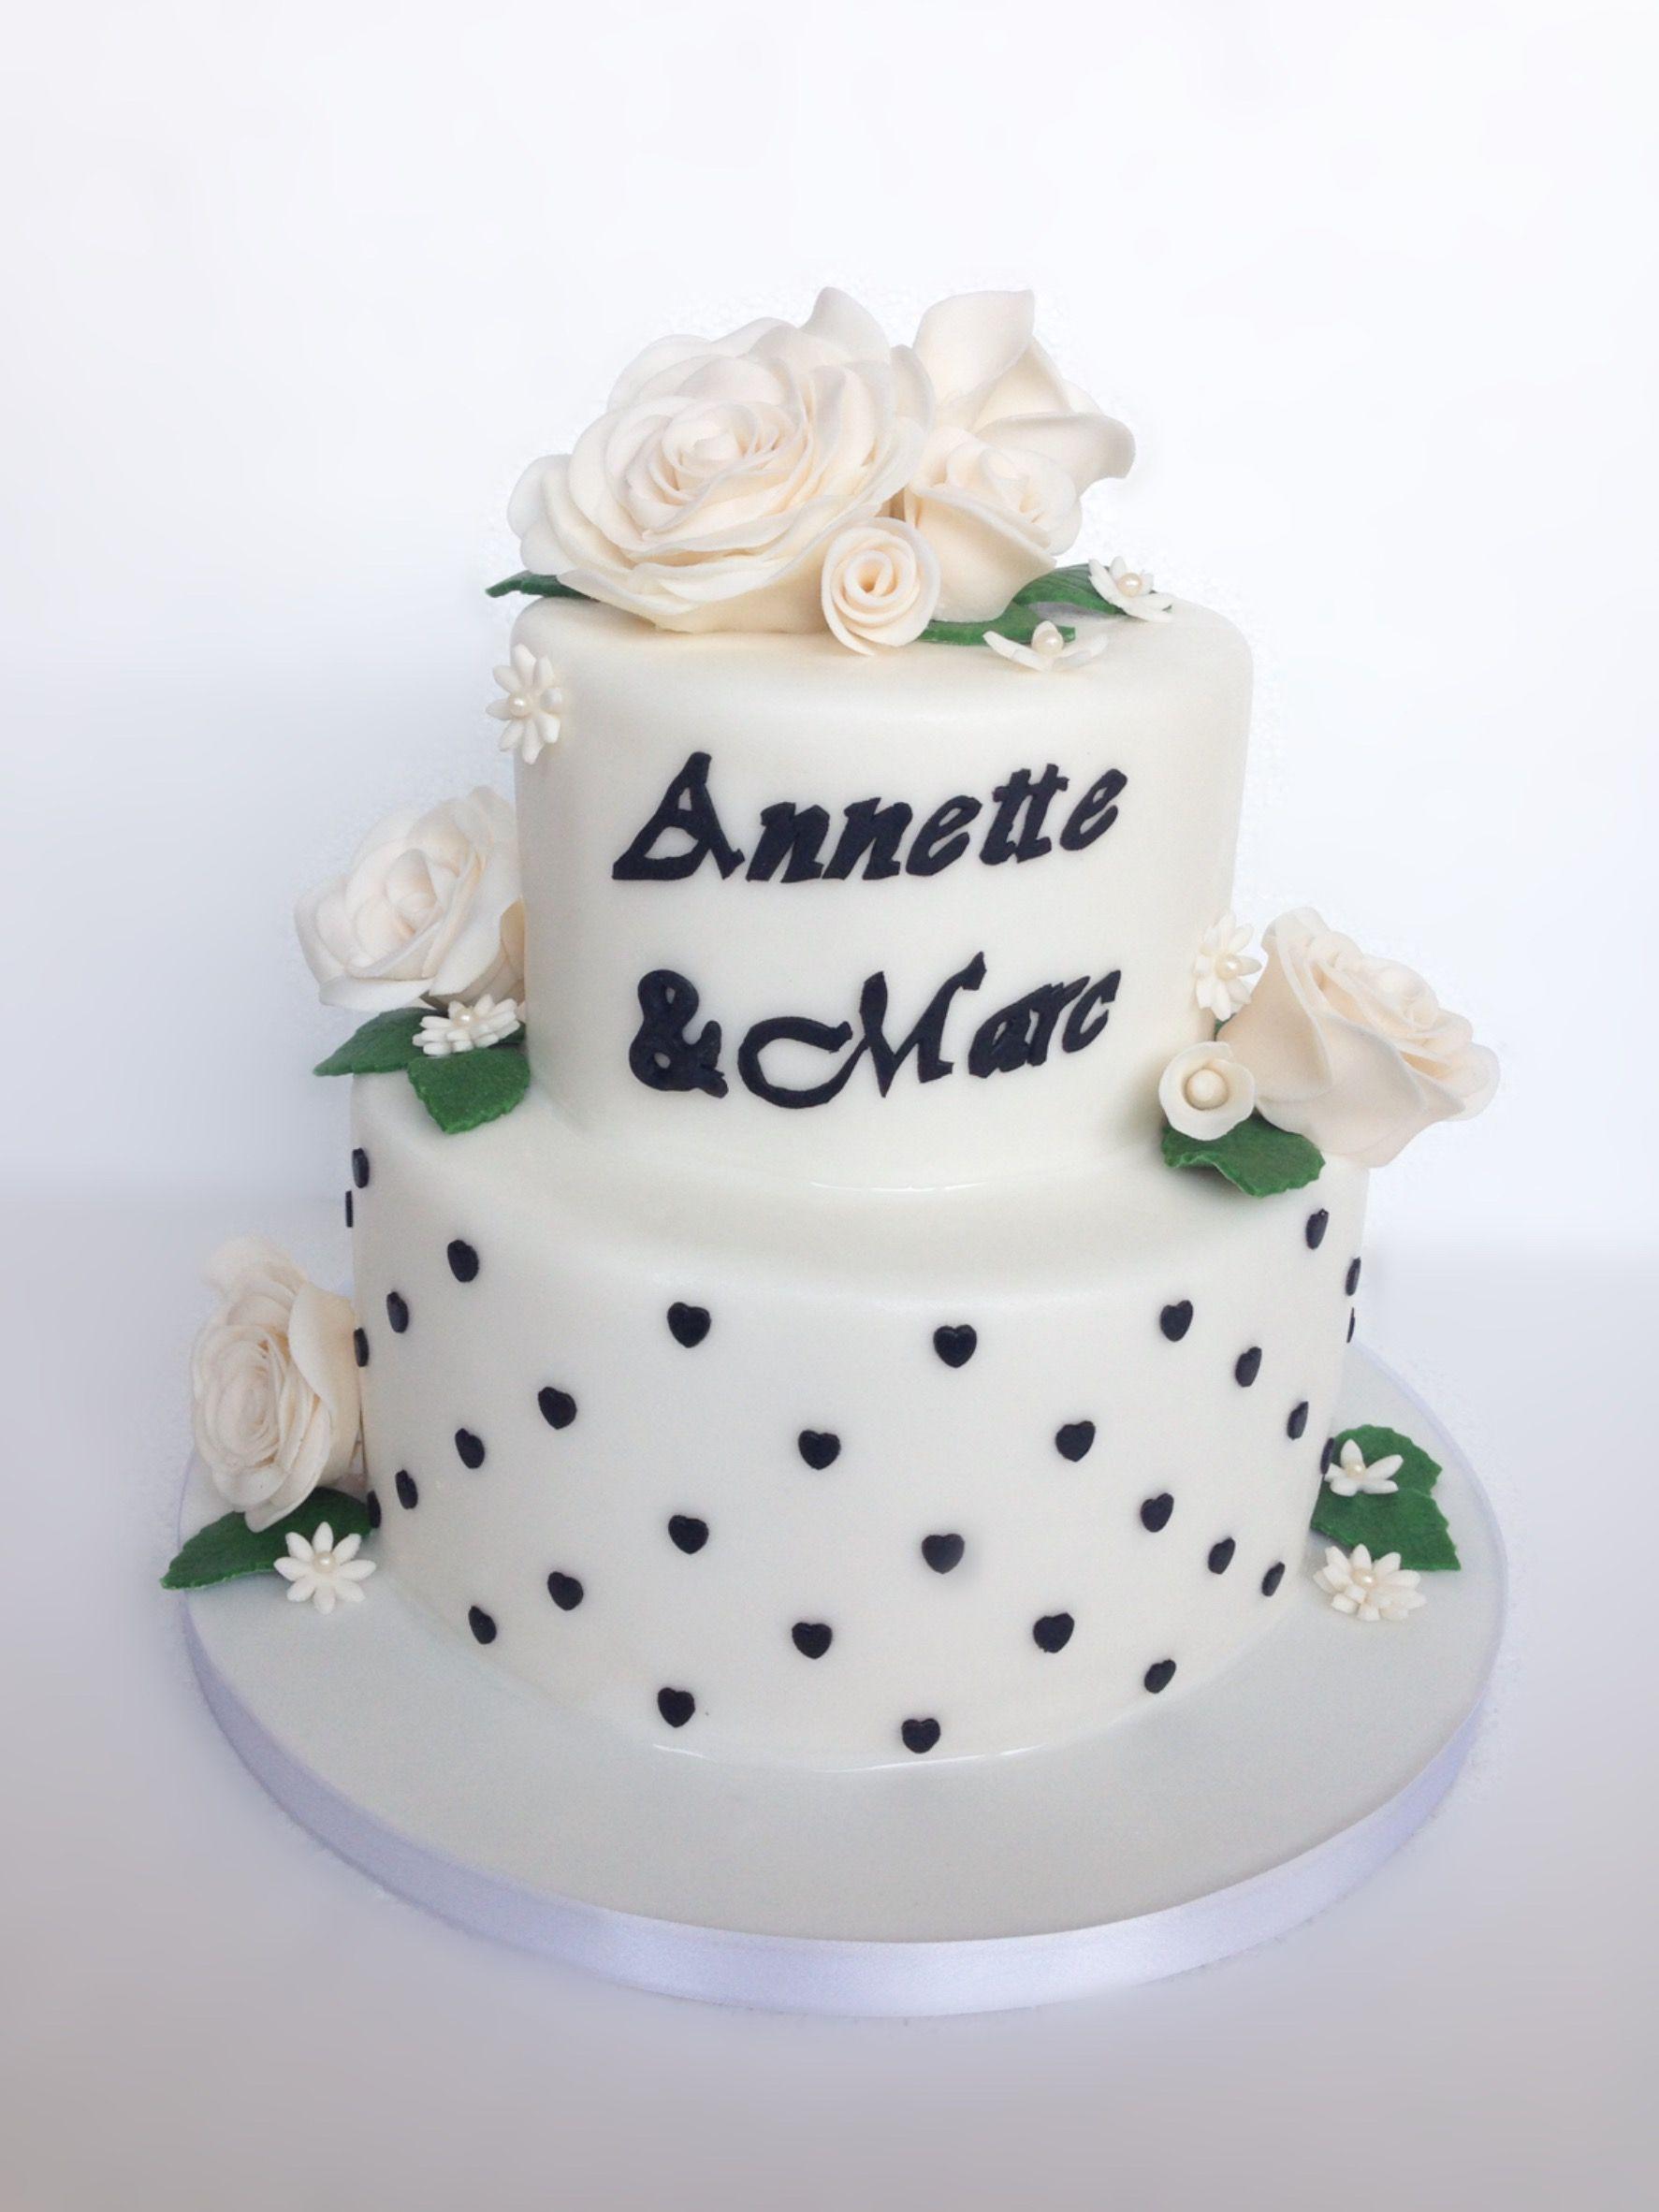 hochzeitstorte torte mit wei en rosen aus fondant zweist ckig motivtorten fondanttorten. Black Bedroom Furniture Sets. Home Design Ideas